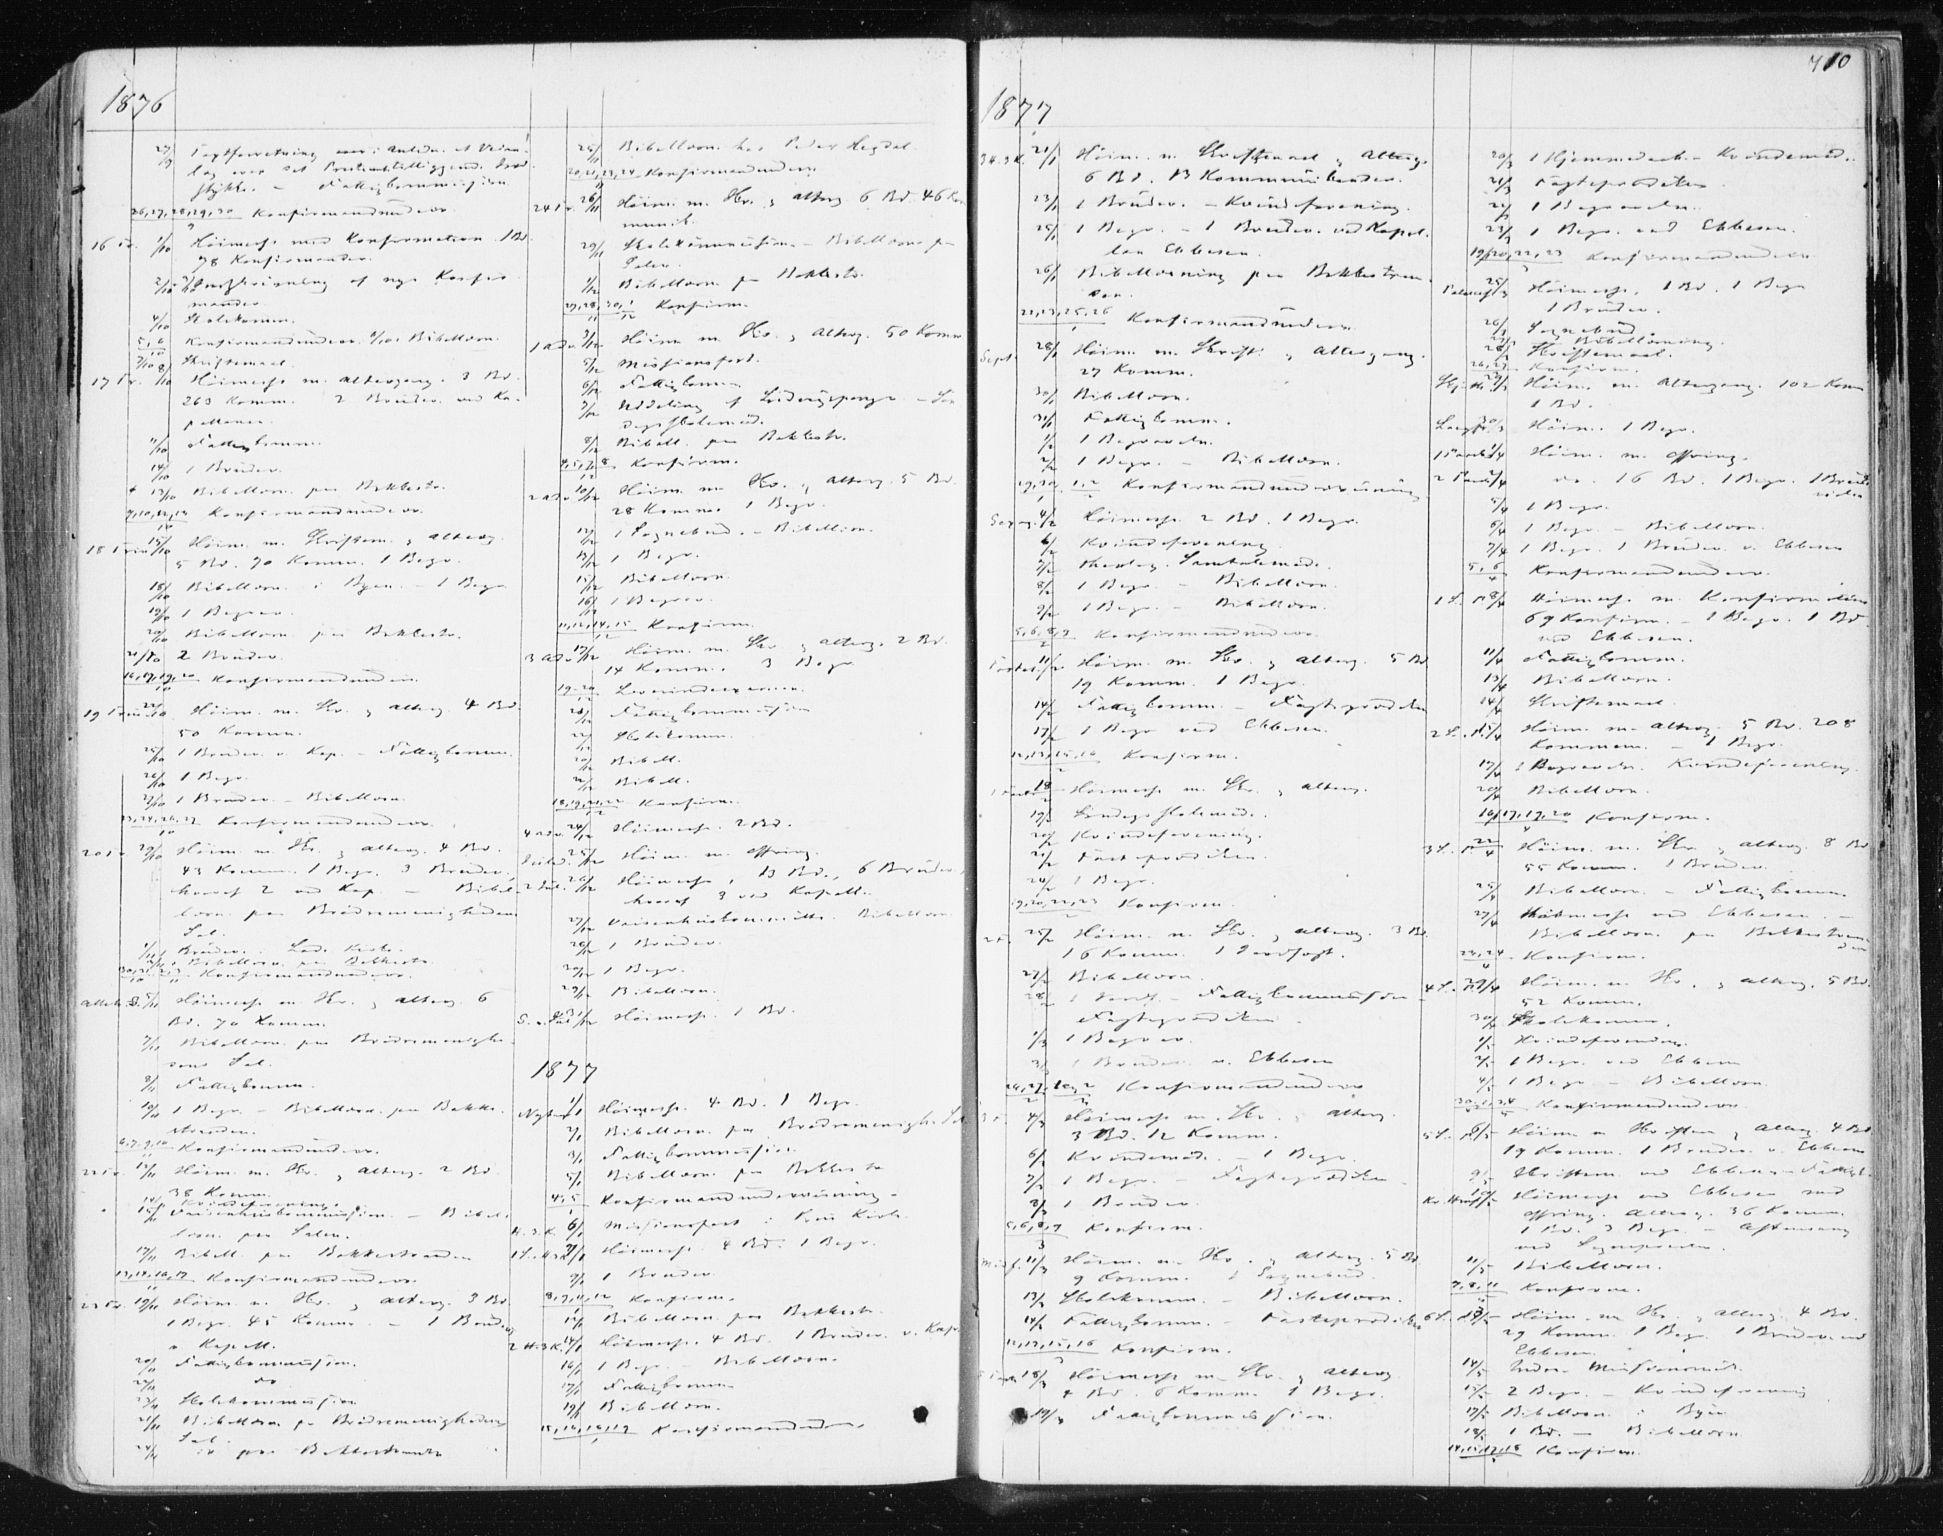 SAT, Ministerialprotokoller, klokkerbøker og fødselsregistre - Sør-Trøndelag, 604/L0186: Ministerialbok nr. 604A07, 1866-1877, s. 710